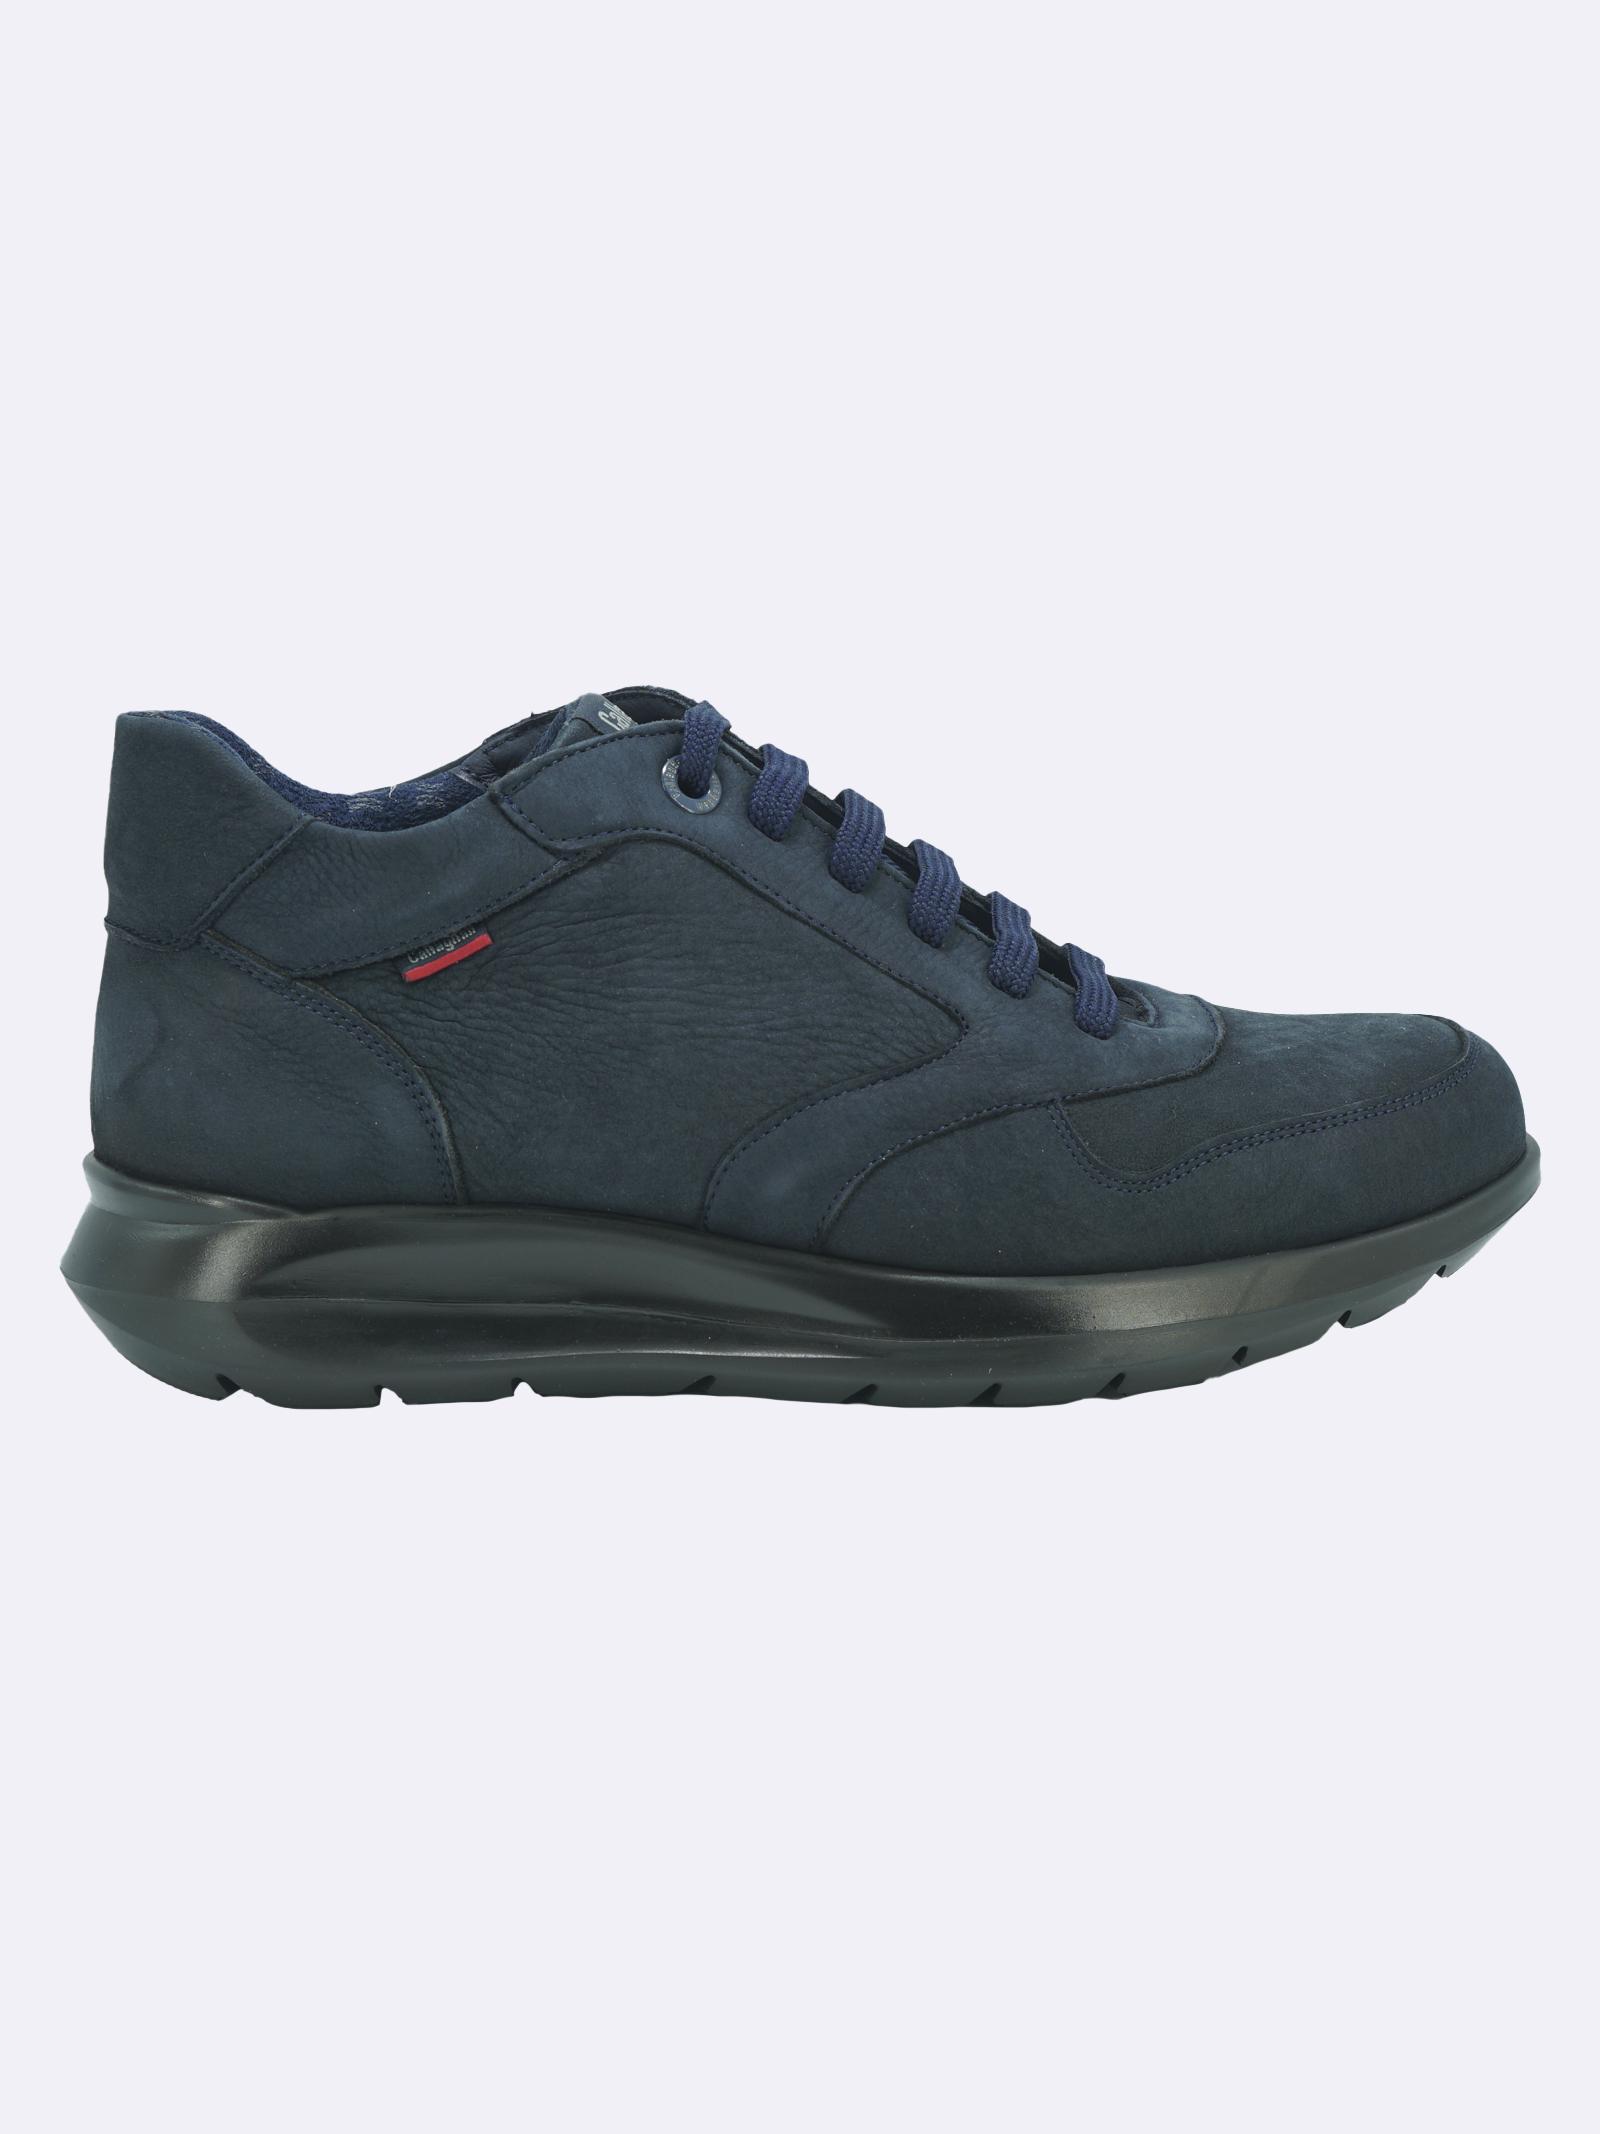 Sneakers Uomo in Pelle Blu con Plantare Estraibile Callaghan   Sneakers   42604BLU